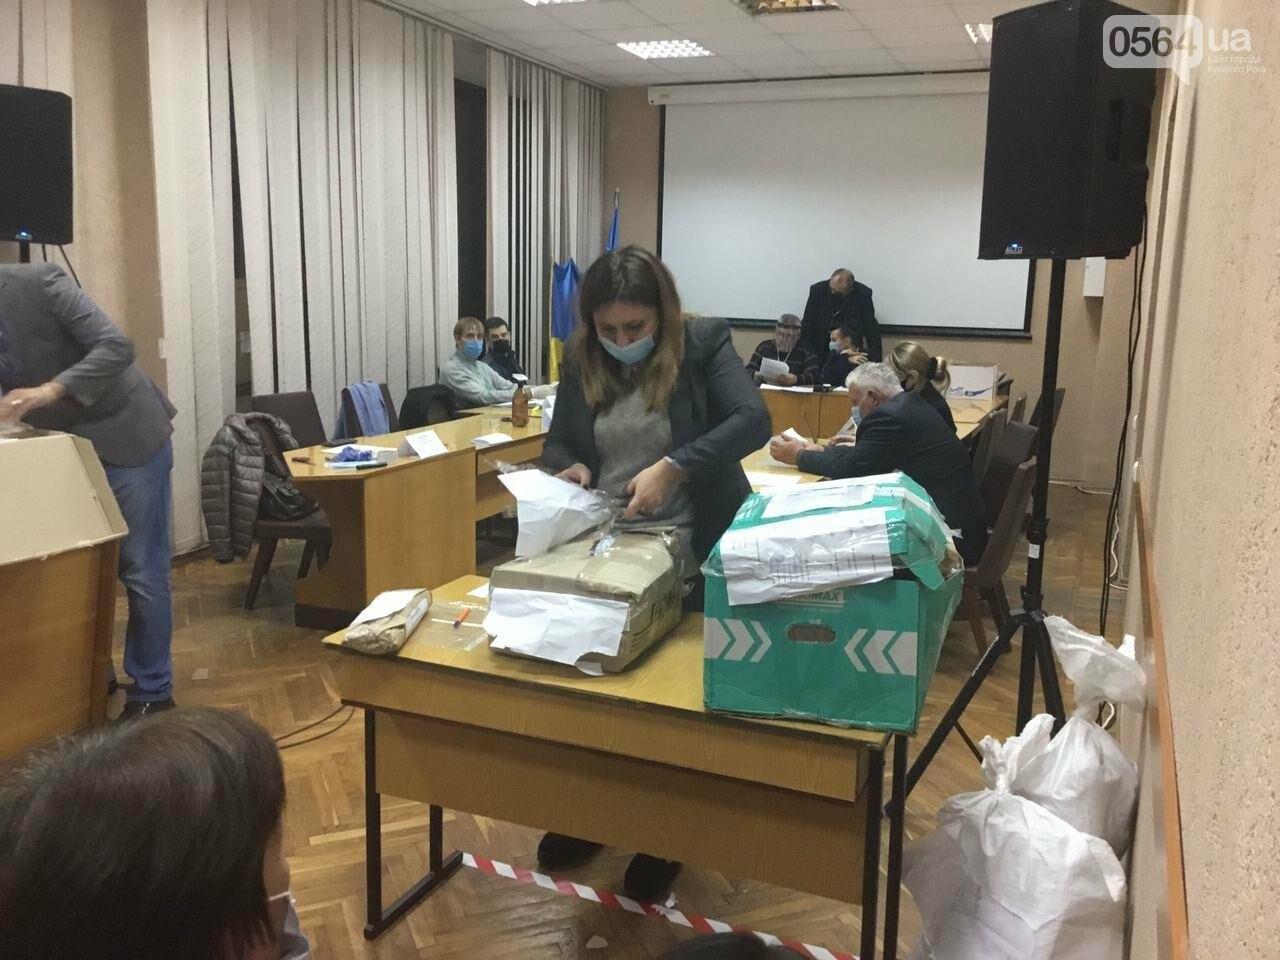 Криворожская городская избирательная комиссия приняла протоколы от более 25% УИК, - ФОТО, фото-1